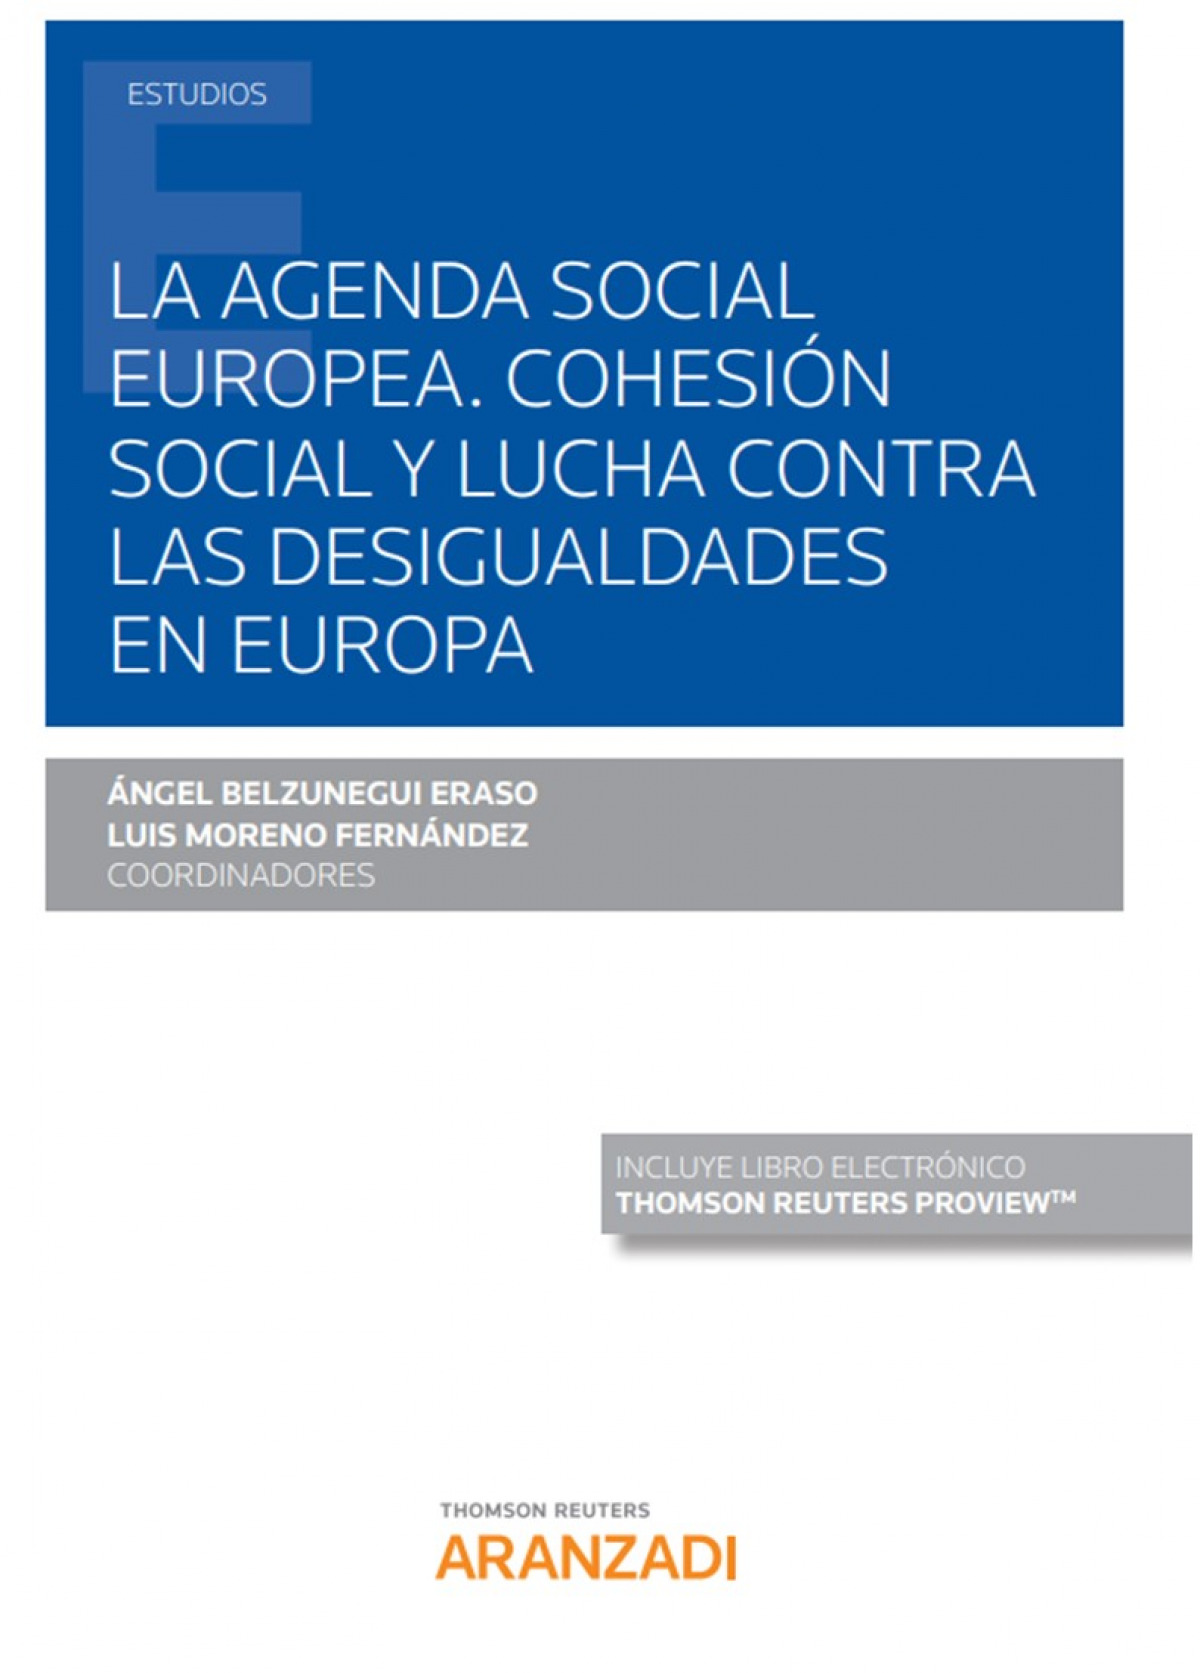 AGENDA SOCIAL EUROPEA COHESION SOCIAL Y LUCHA DESIGUALDADES